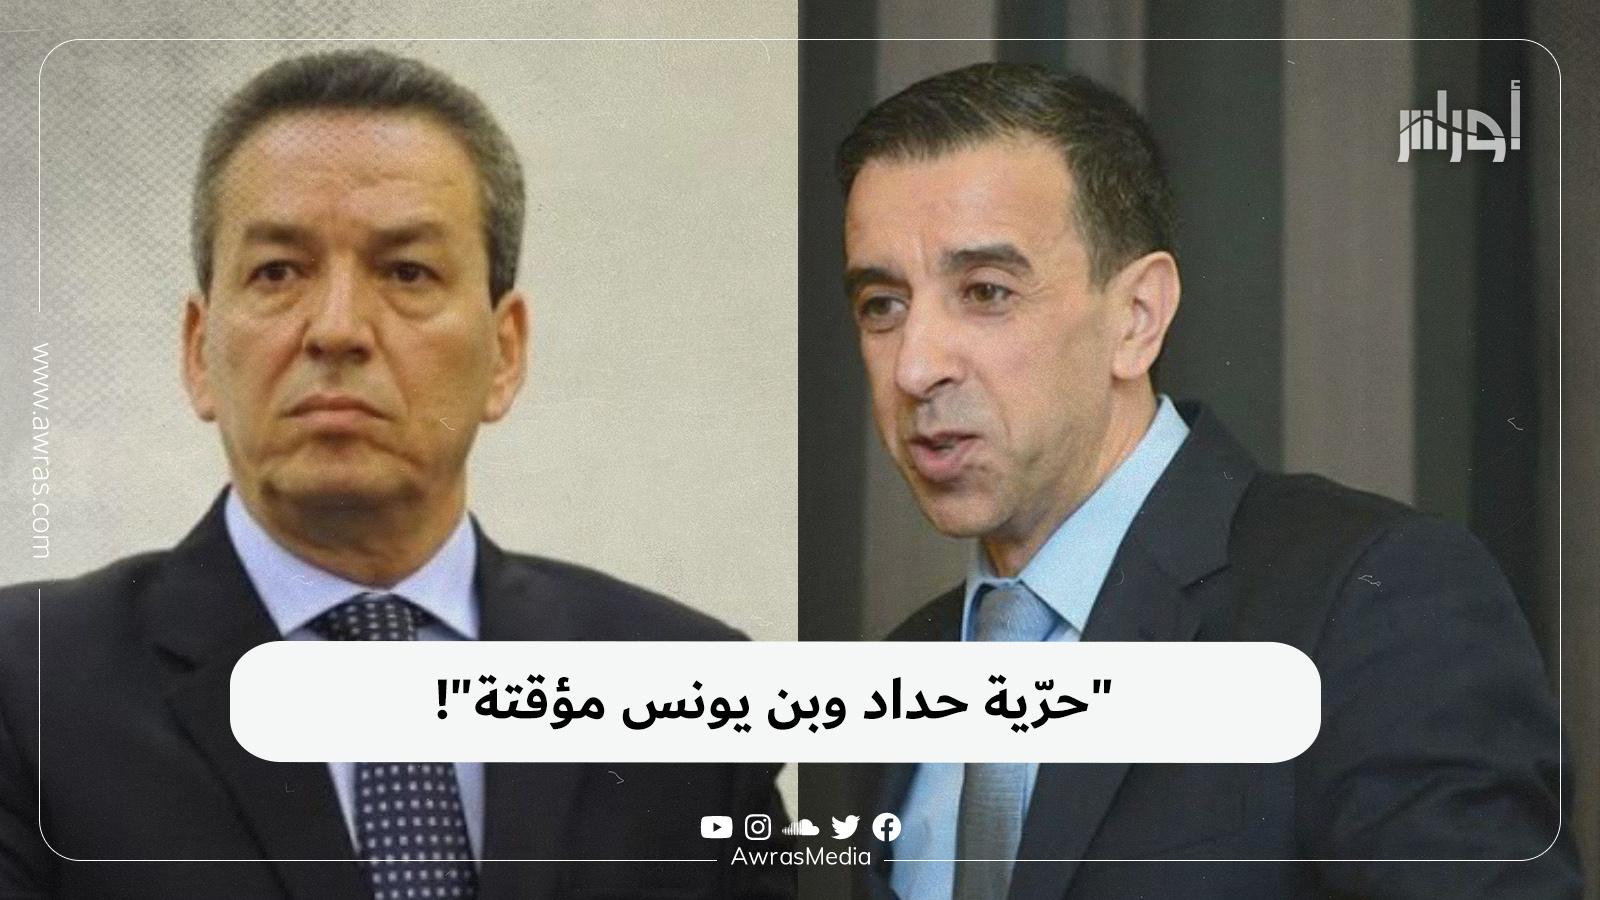 تطورات جديدة في قضية علي #حداد وإطلاق سراح عمارة بن يونس.. النيابة العامة تطعن في الحكم